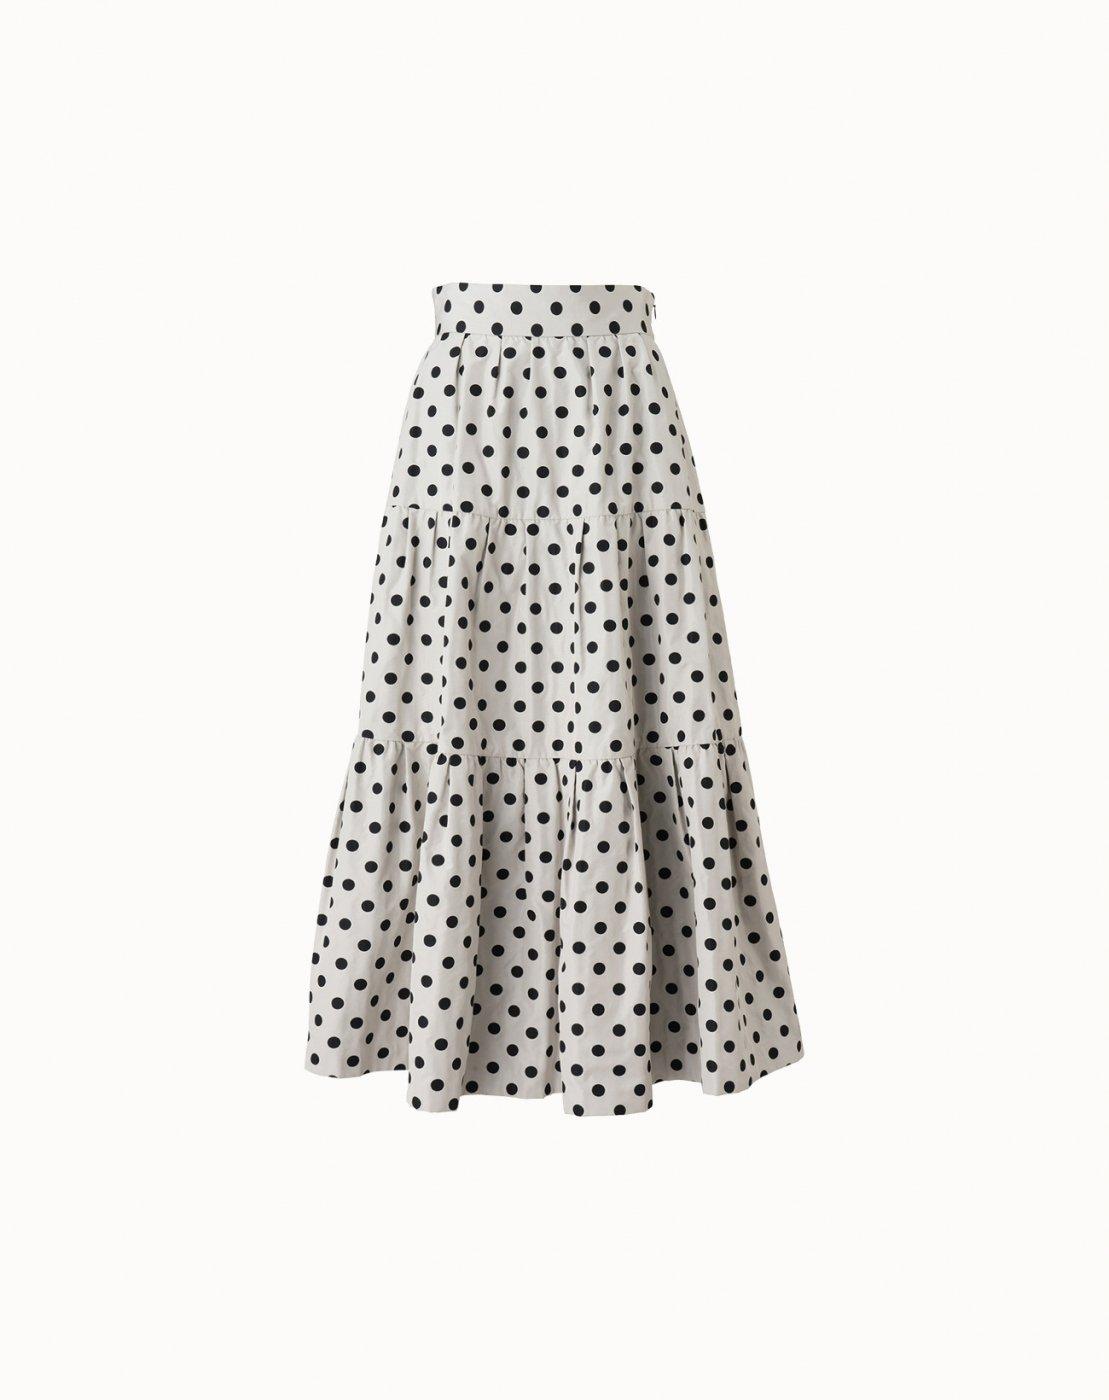 leur logette - Jacquard Skirt  - Dot